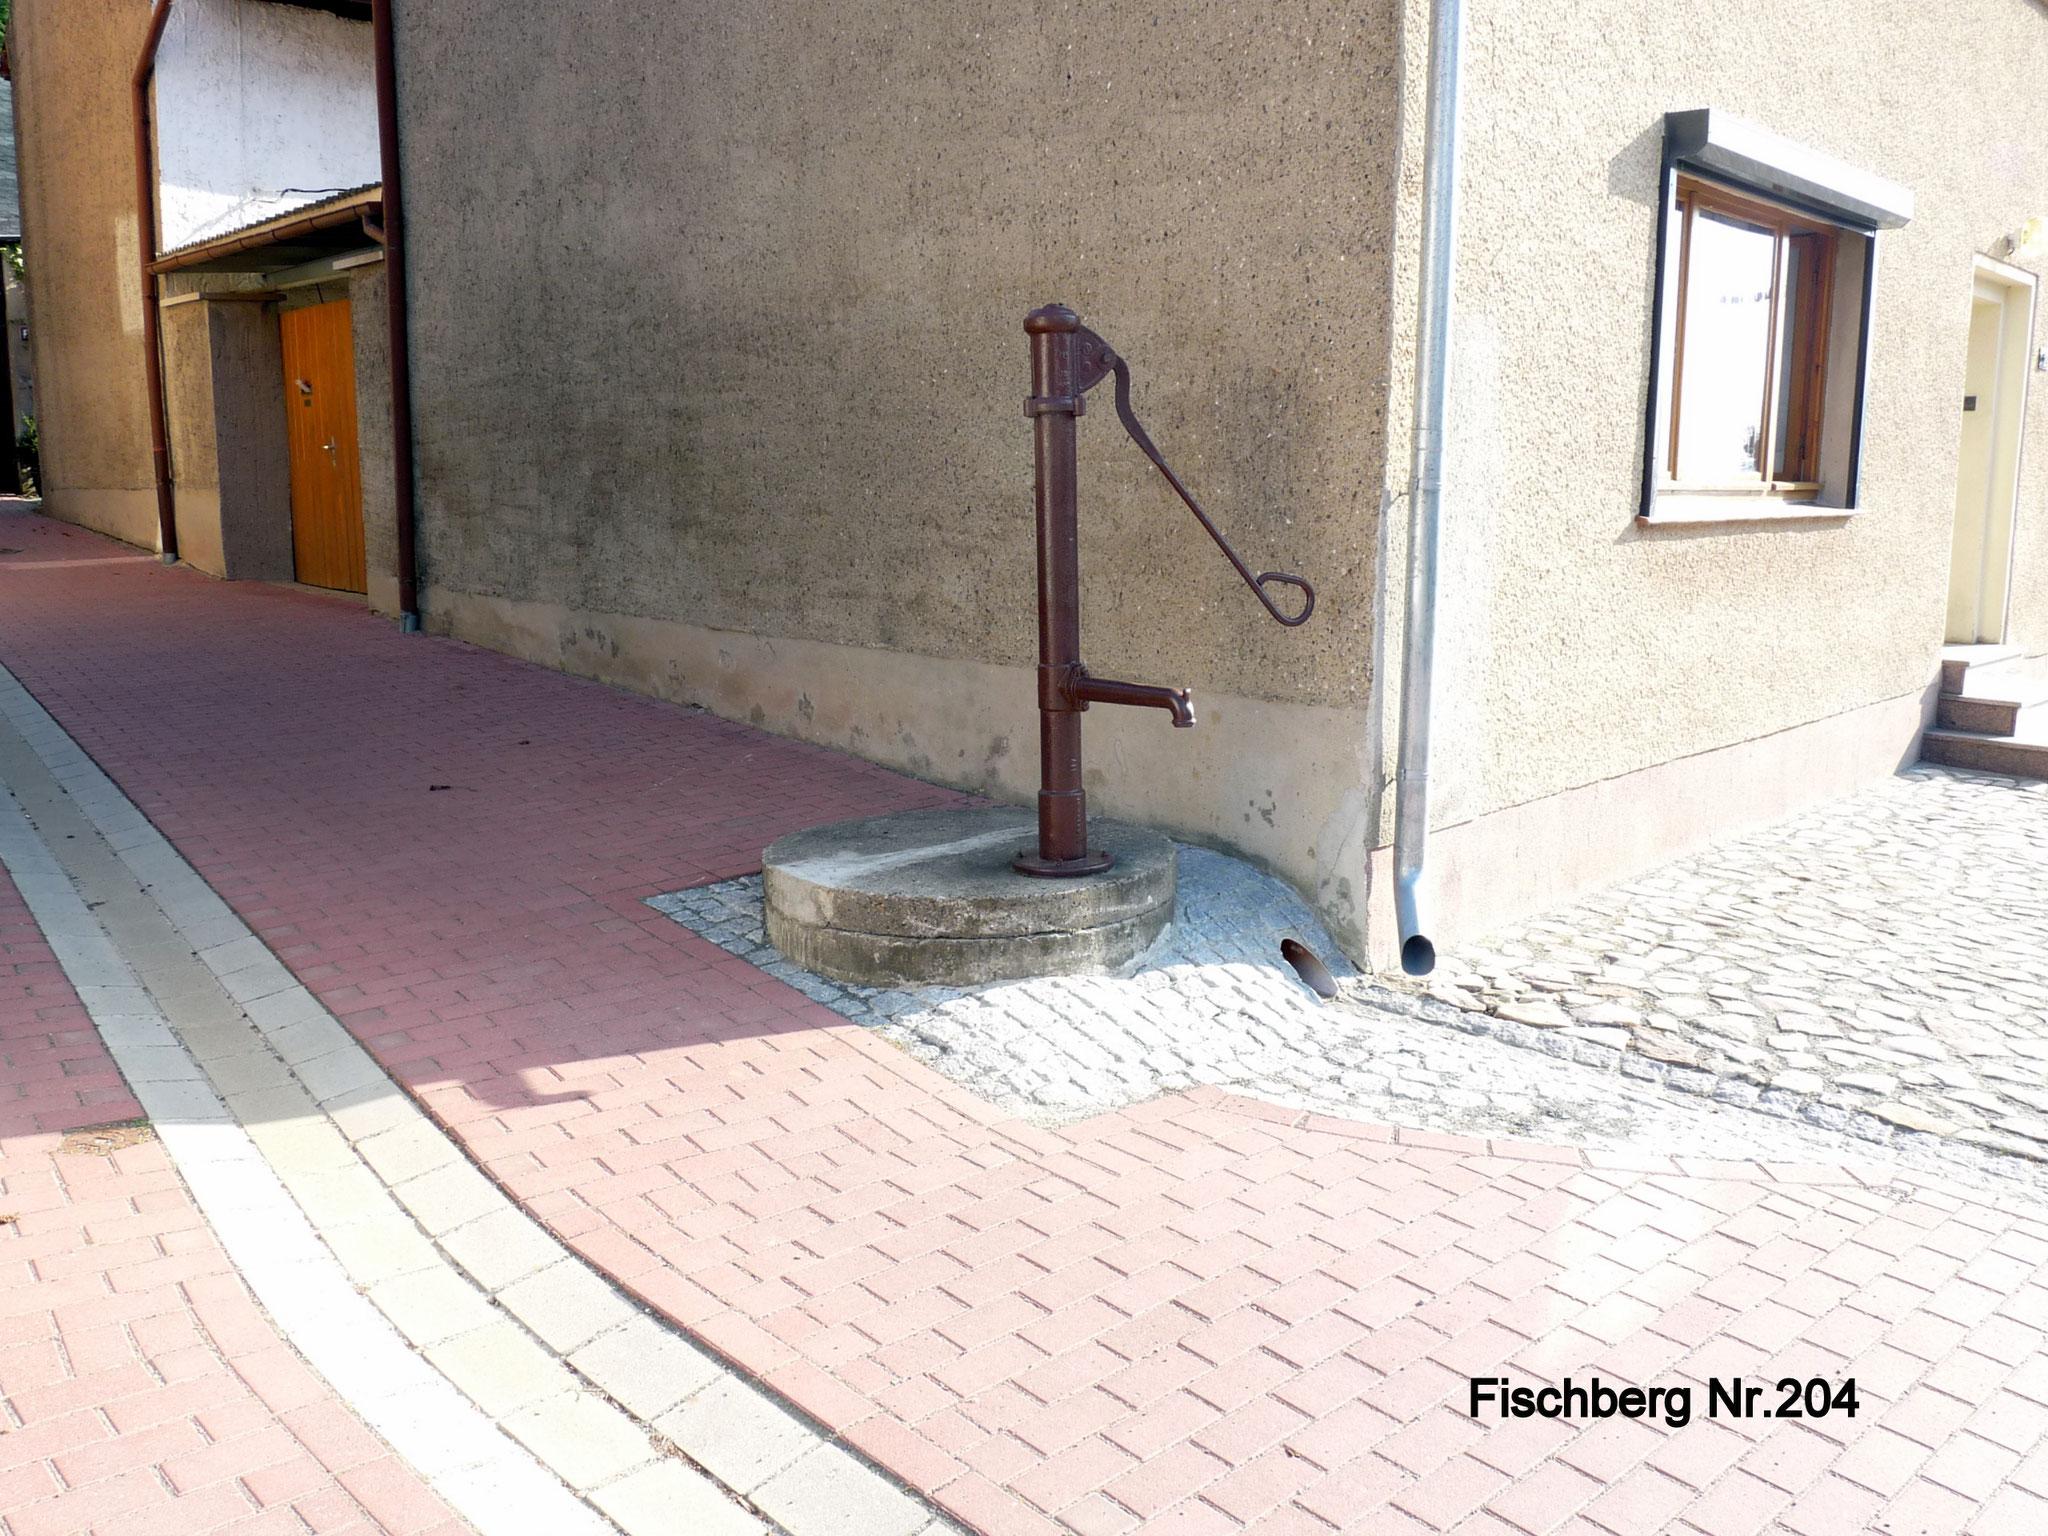 Fischberg 204